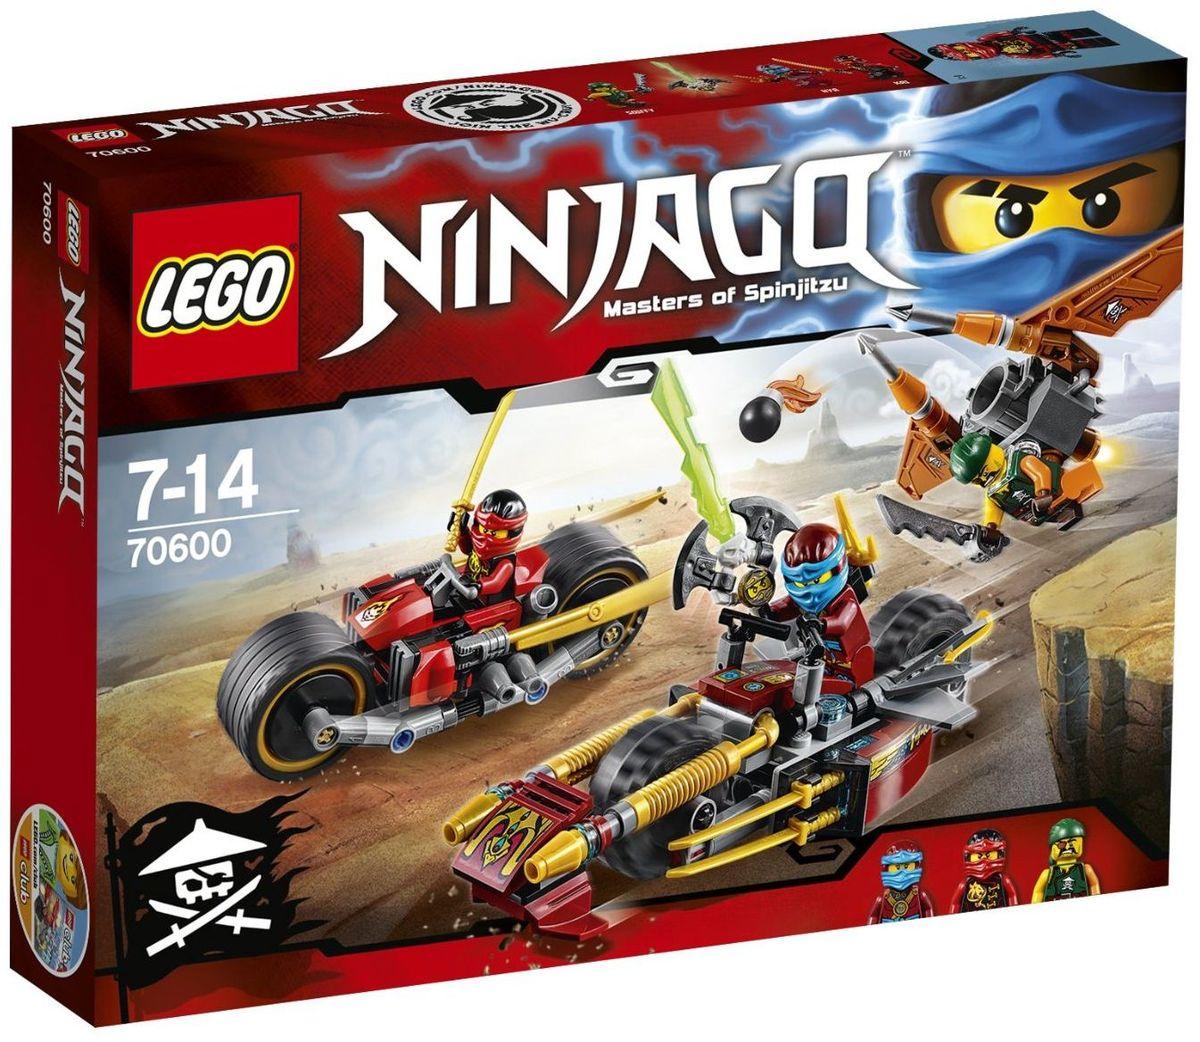 LEGO NINJAGO Конструктор Погоня на мотоциклах 7060070600Нацель скрытые пушки и ускорители мотоцикла Кая на флайер небесного пирата. Уклоняйся от бомб с флайера и целься из водомёта стихий, установленного на удивительном мотоцикле Нии. Сбей флайер, а затем разверни золотые мечи ниндзя на мотоцикле Кая, чтобы атаковать. Ты должен победить Скиффи и освободить Коула из Джинн-клинка! Конструктор LEGO NINJAGO Погоня на мотоциклах включает в себя 231 разноцветный пластиковый элемент с тремя фигурками. Конструктор - это один из самых увлекательных и веселых способов времяпрепровождения. Ребенок сможет часами играть с конструктором, придумывая различные ситуации и истории.